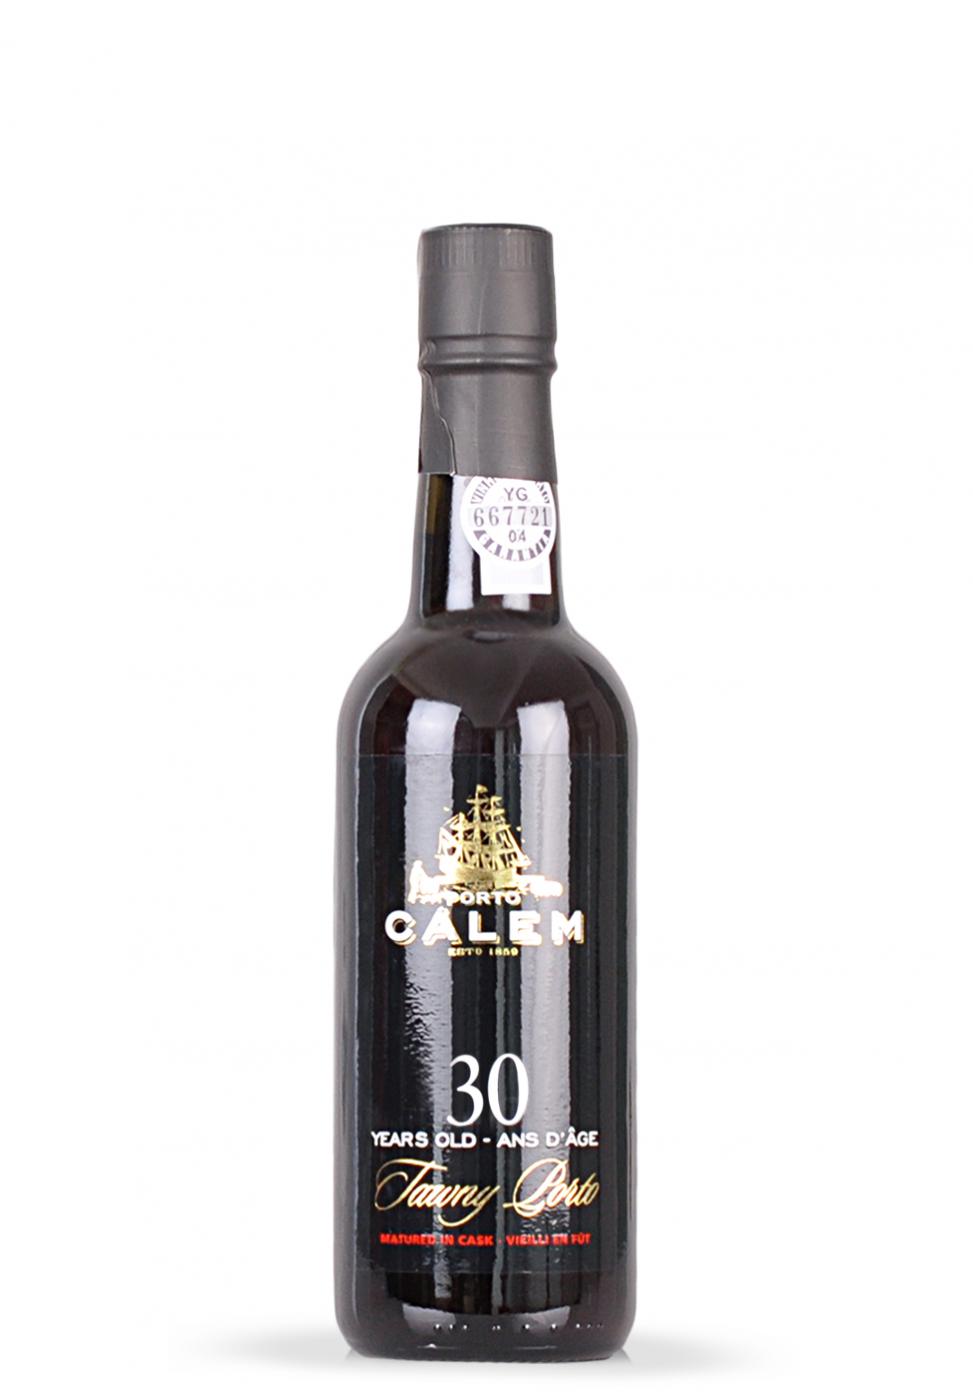 Vin Calem 30 ani, Tawny Porto (0.375L)